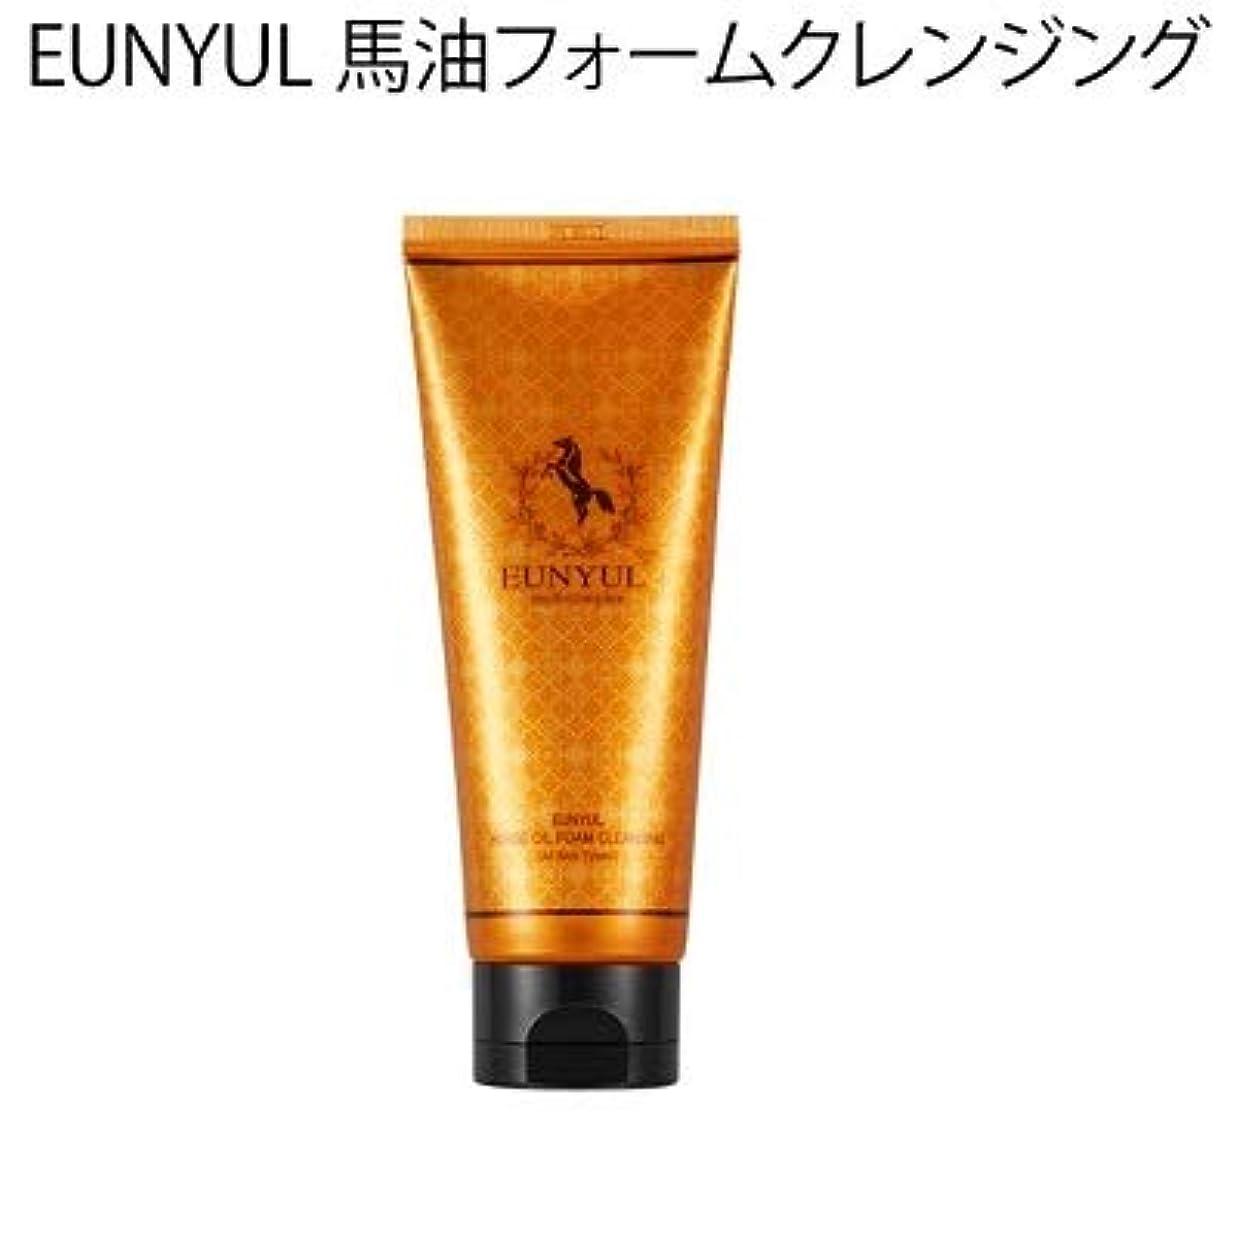 韓国 EUNYUL 馬油フォームクレンジング 洗顔フォーム(150ml)